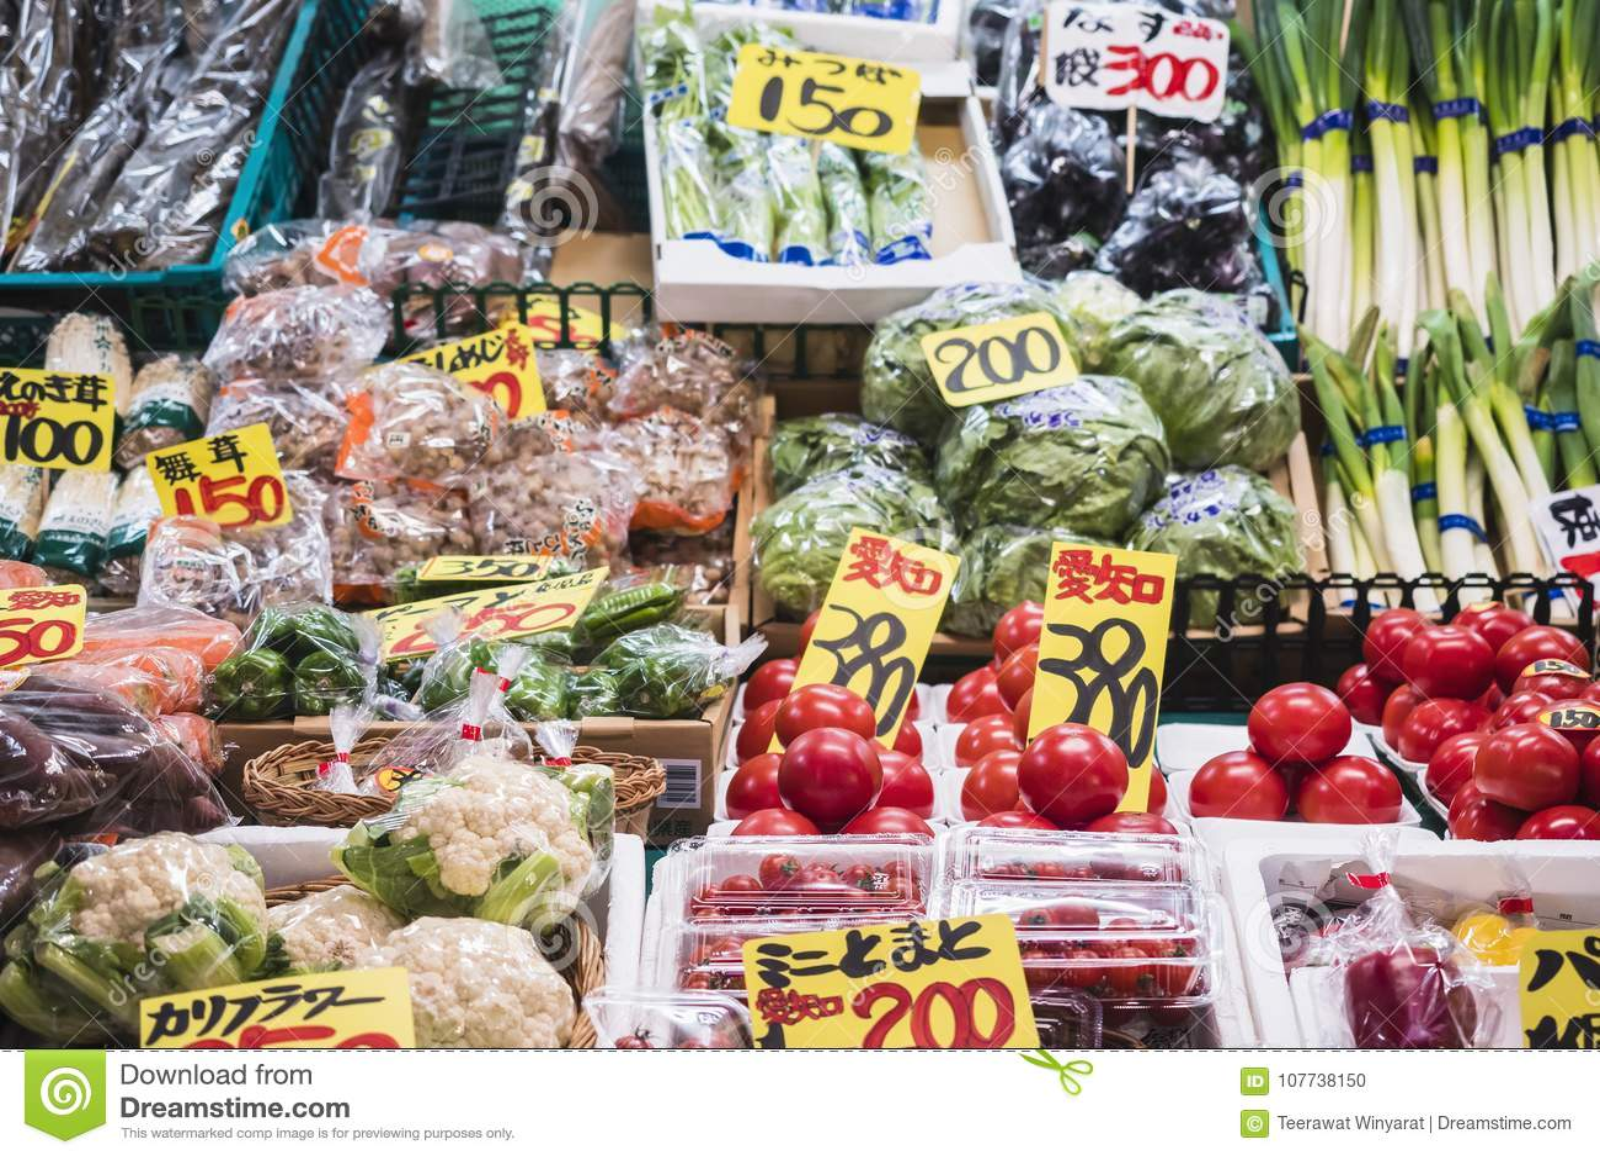 KANAZAWA, JAPÓN - 12 DE ABRIL DE 2017: Producto alimenticio fresco vegetal del mercado de Omicho